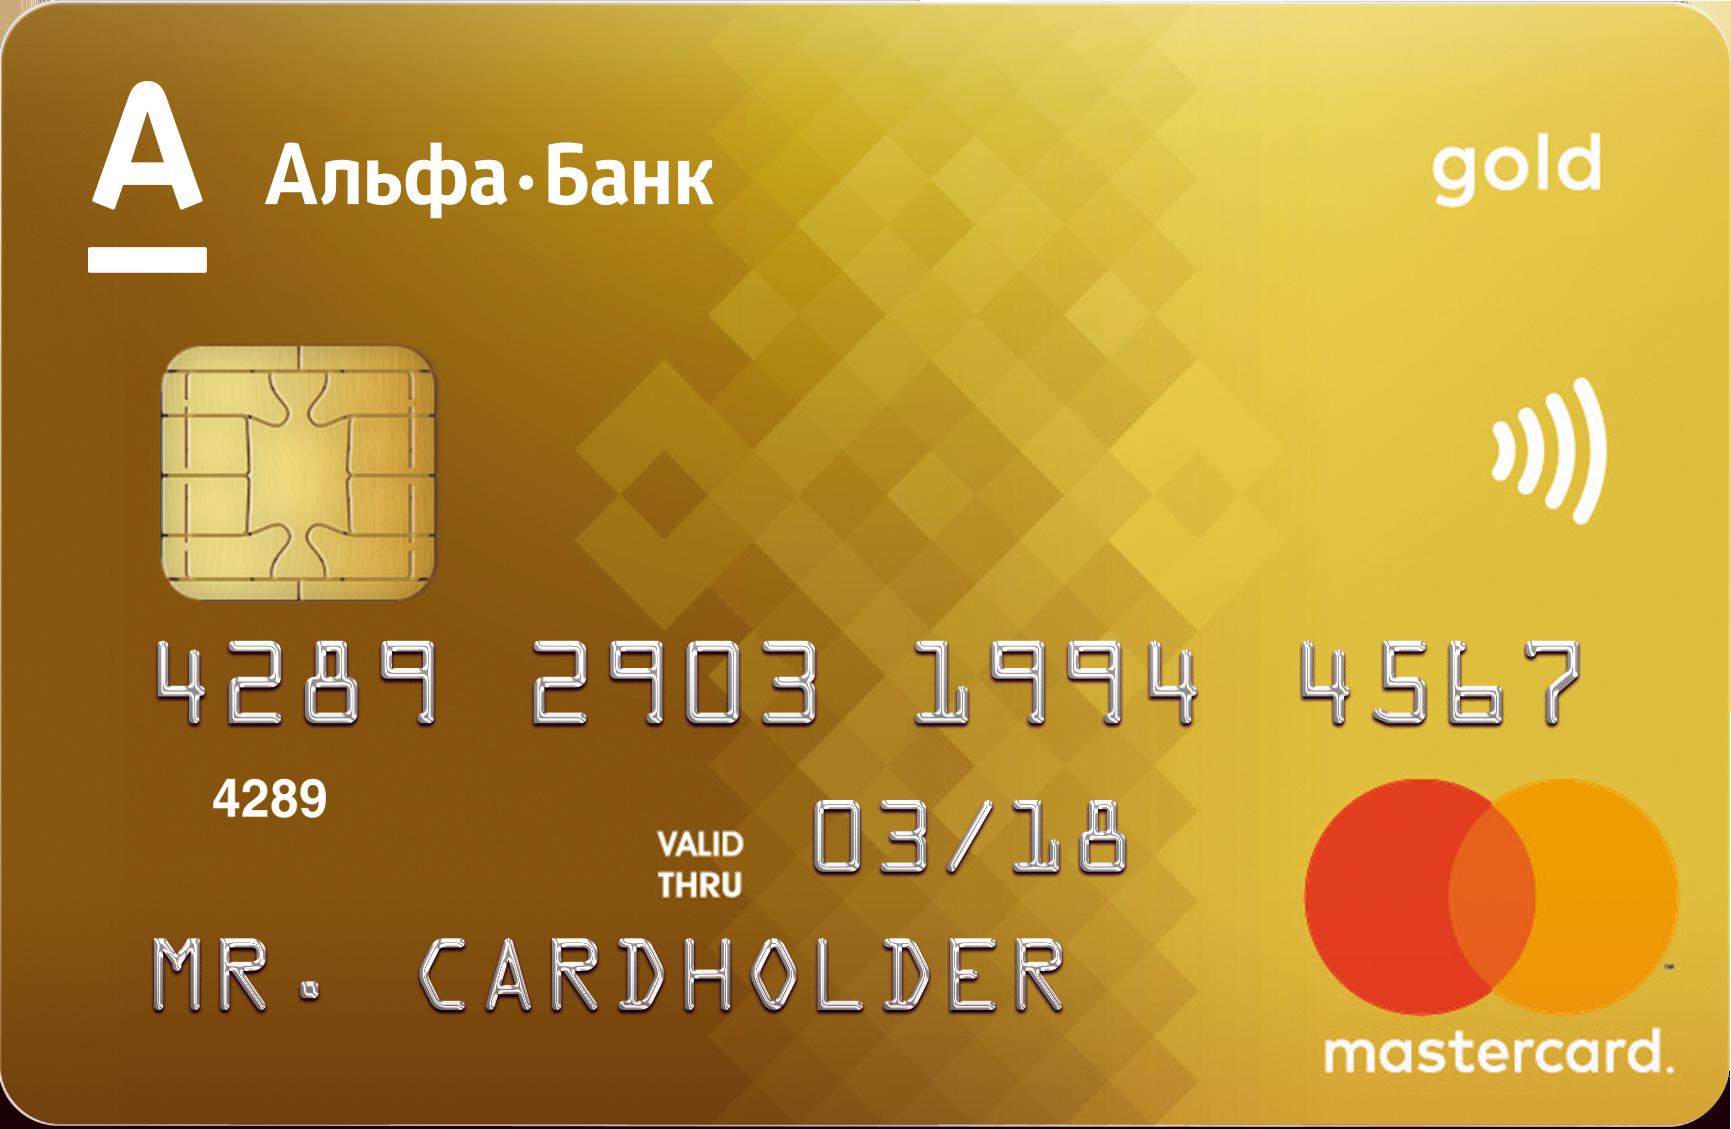 Виды золотых карт от Альфа-банка